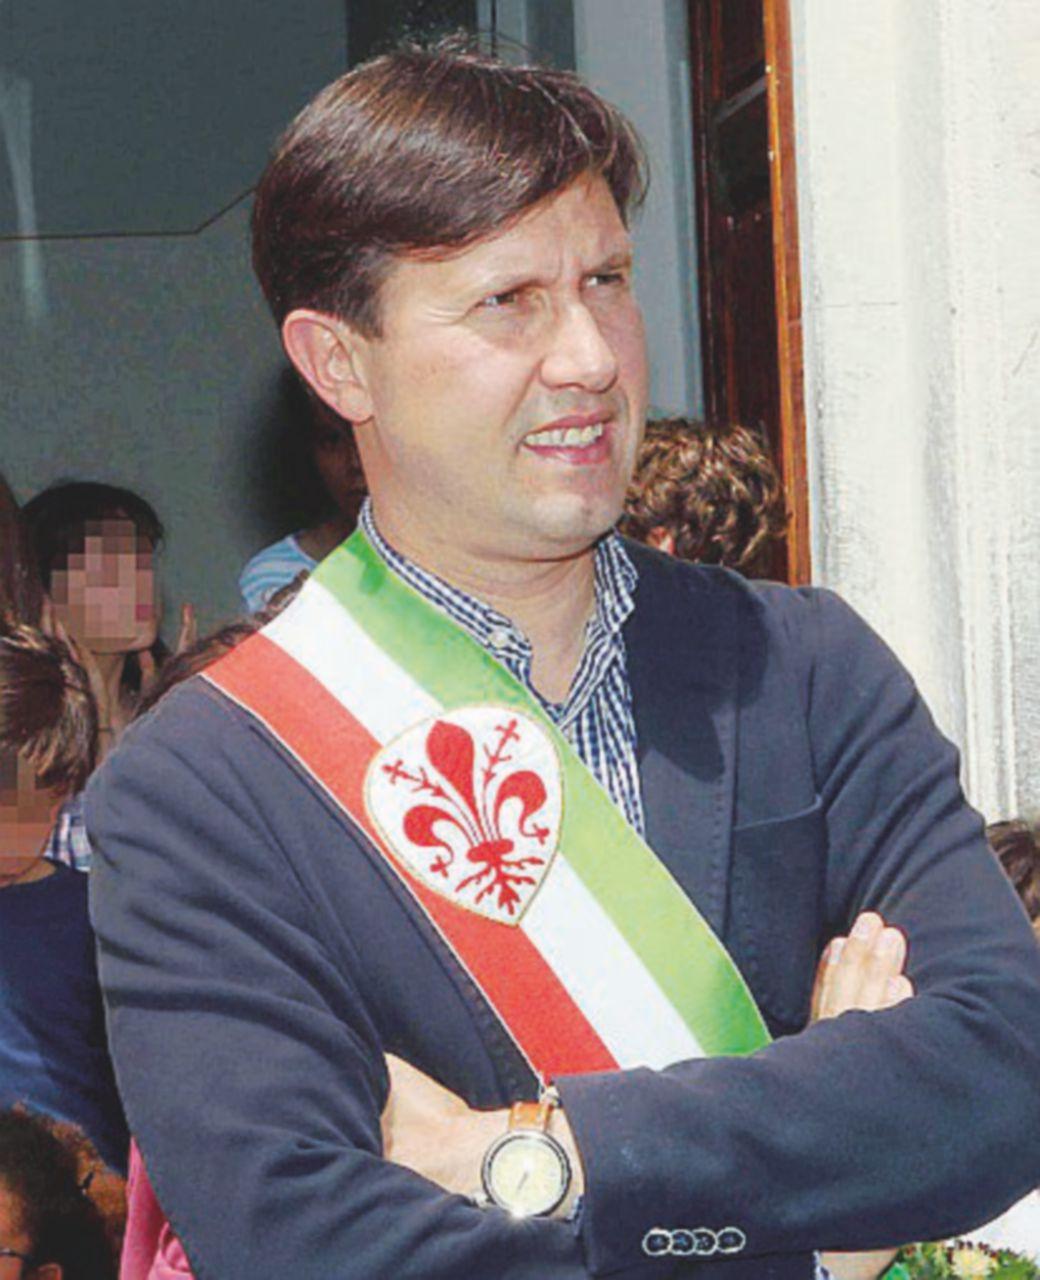 Dario Il Braciola Nardella, imbarazzante a sua insaputa